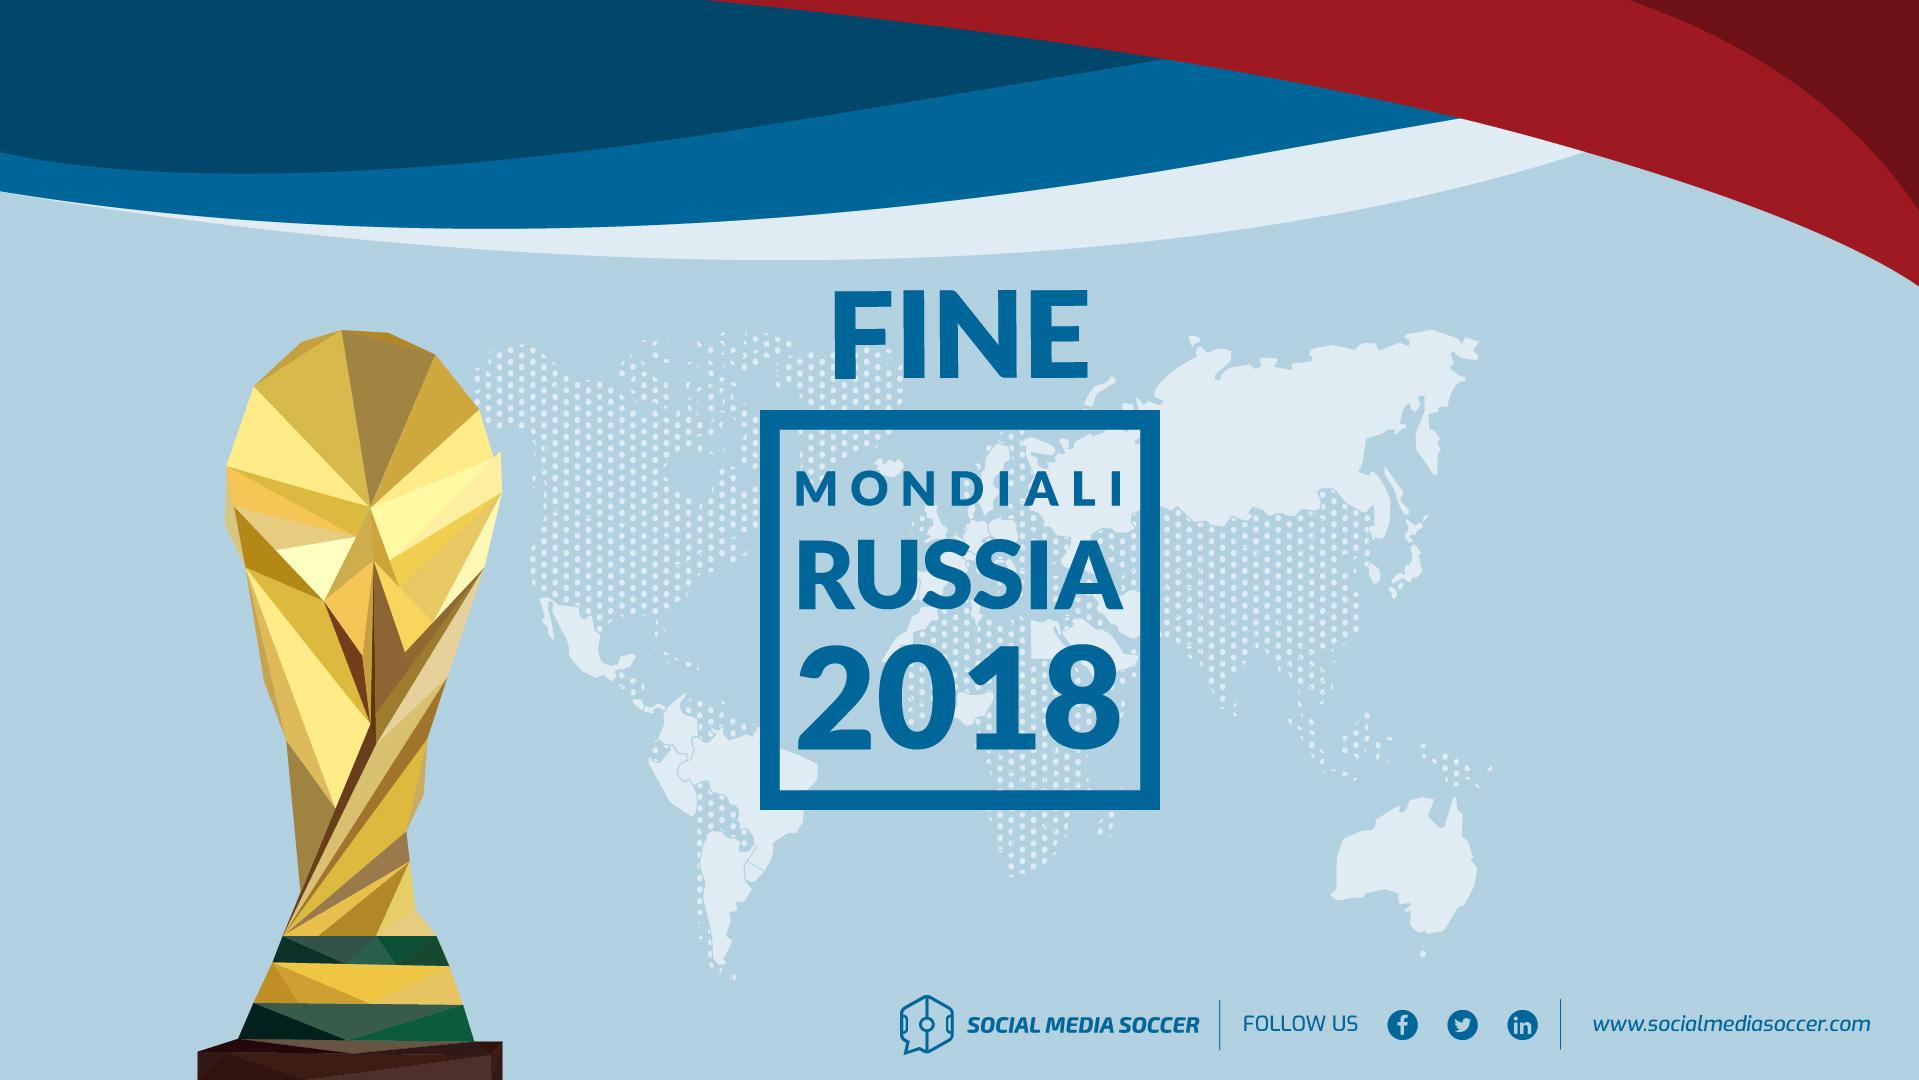 Analisi Fine Mondiali